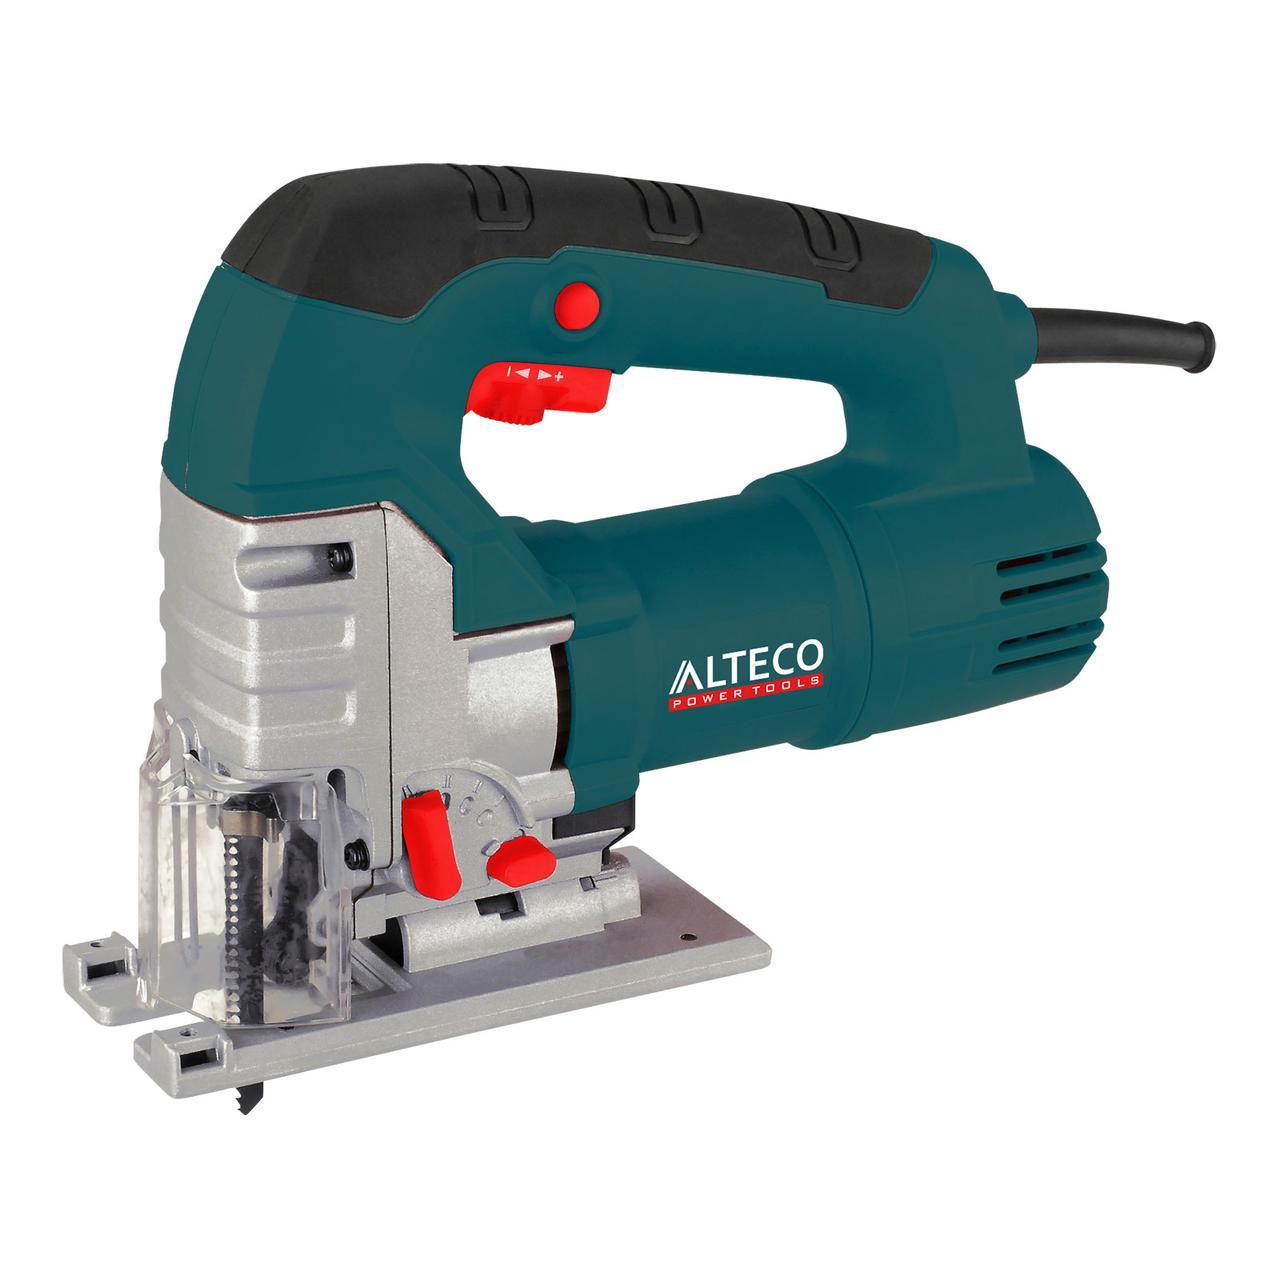 ALTECO JS 700 Лобзиковая пила